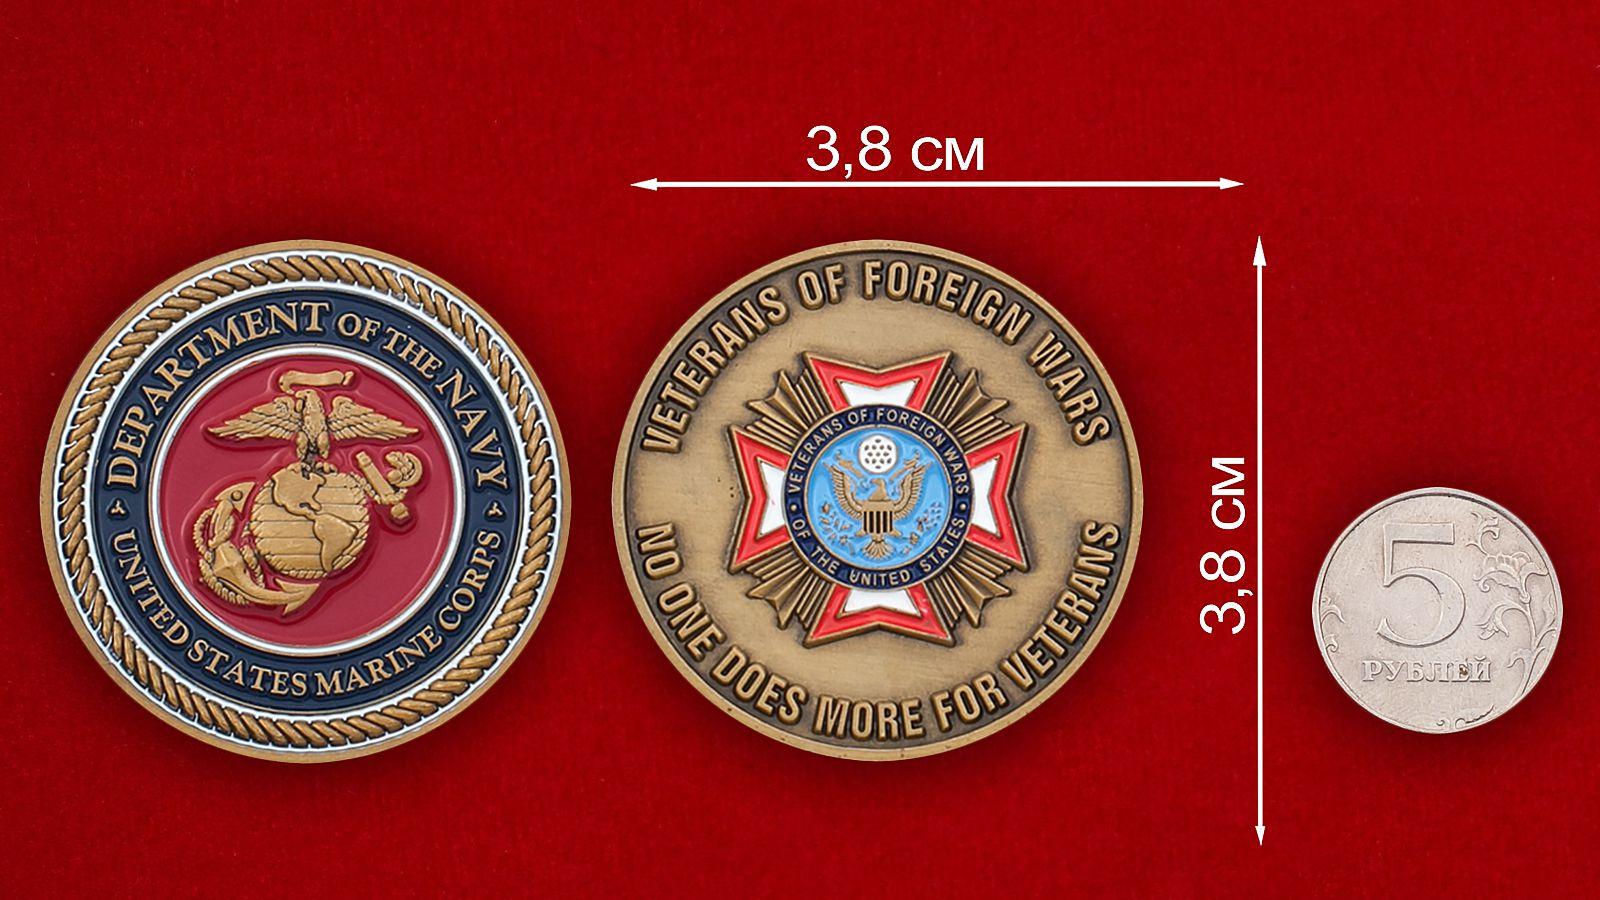 Челлендж коин ветеранов зарубежных войн Корпуса Морской пехоты США - сравнительный размер